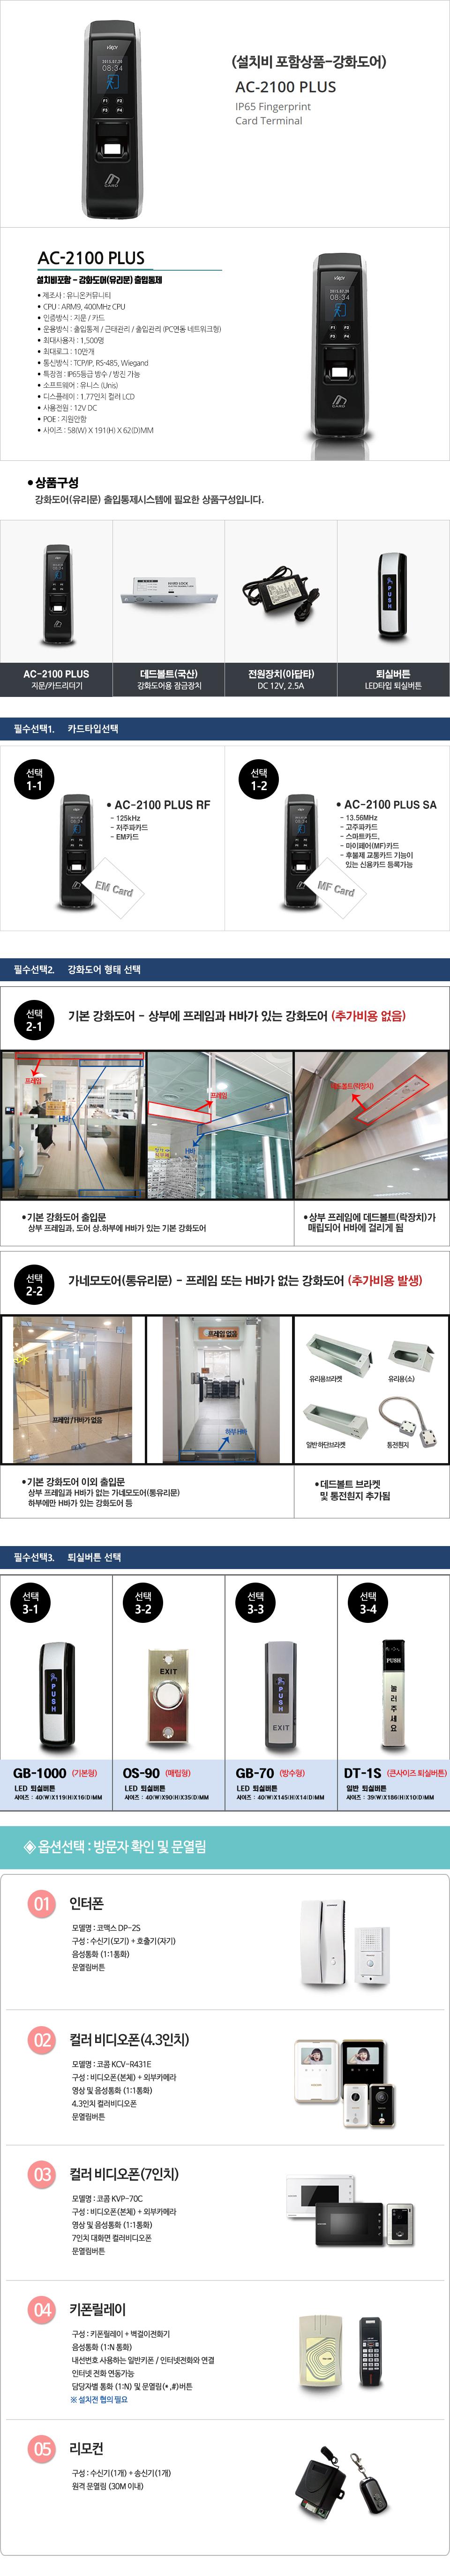 AC-2100 PLUS설치비포함작업-강화도어.jpg